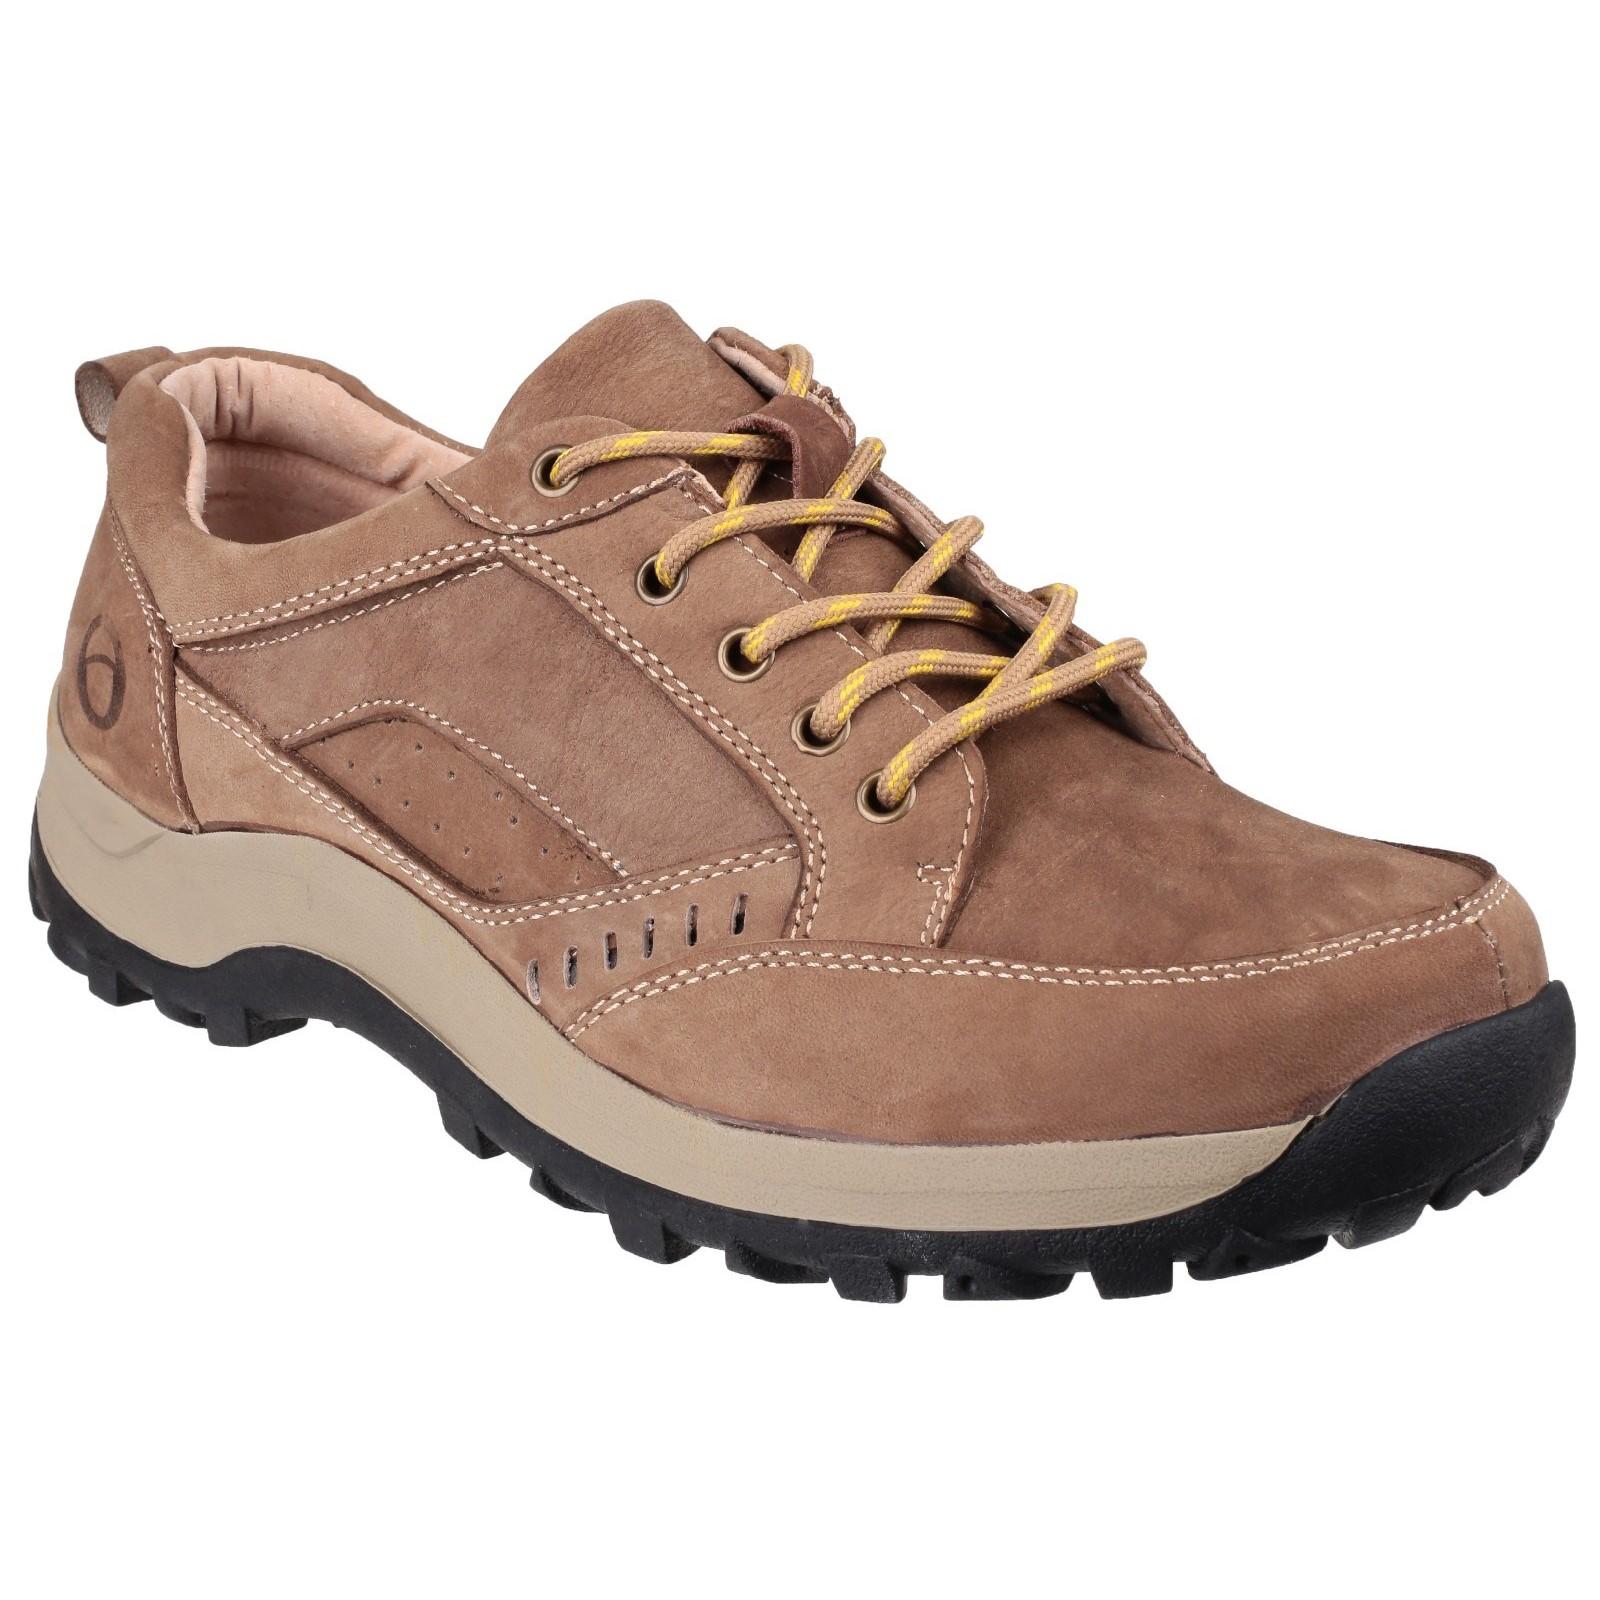 Cotswold Mens Nailsworth Lace Up Shoe In Verschiedenen AusfüHrungen Und Spezifikationen FüR Ihre Auswahl ErhäLtlich Business-schuhe Herrenschuhe